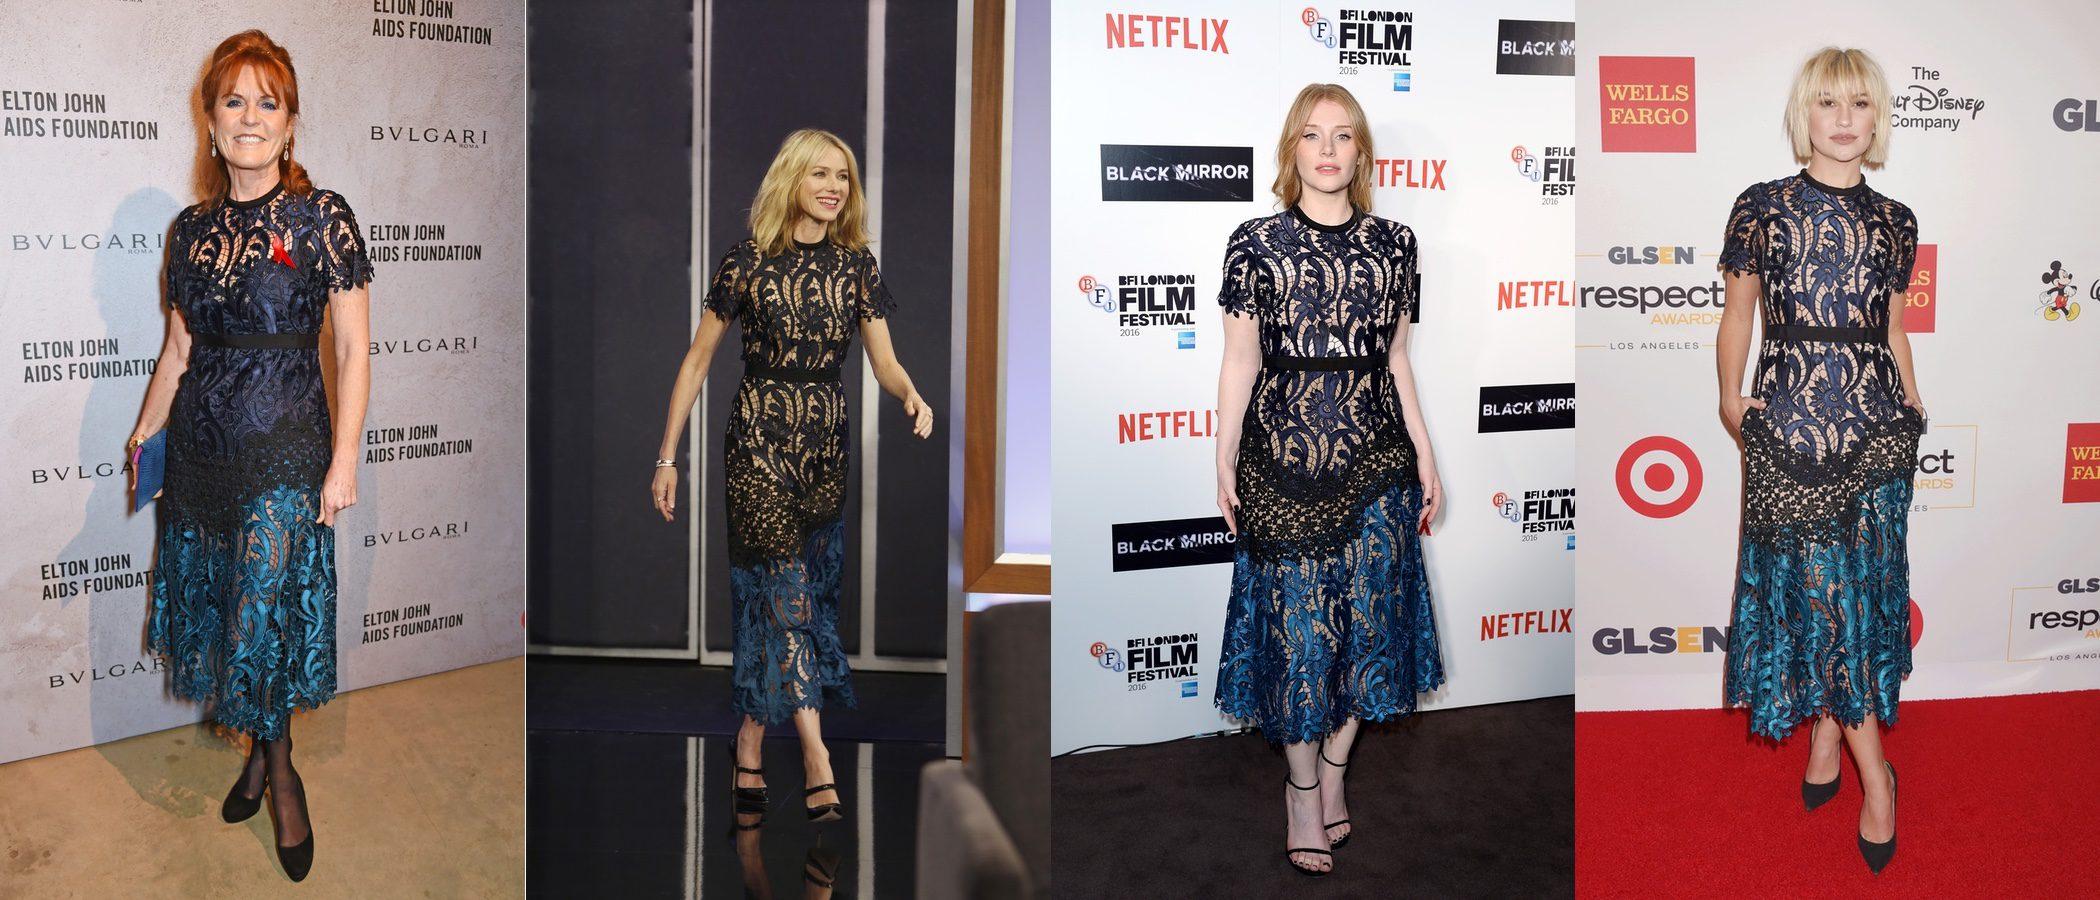 El vestido más cotizado y preferido entre las celebrities de Self-Portrait, ¿a quién le sienta mejor?